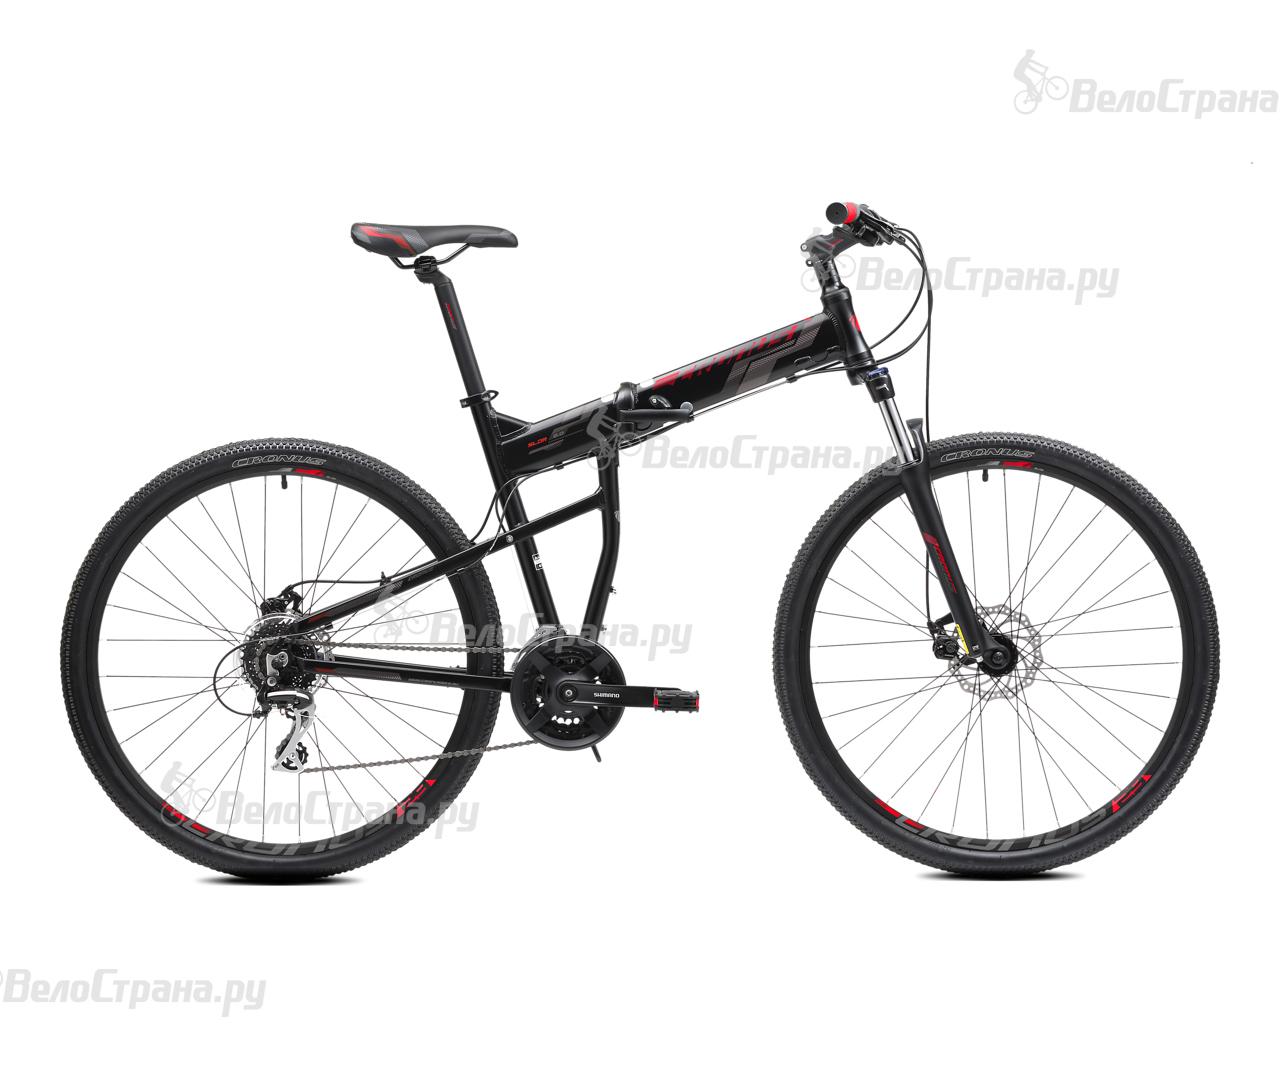 Велосипед Cronus Soldier 2.0 29 (2018) велосипед cronus soldier 1 5 2014